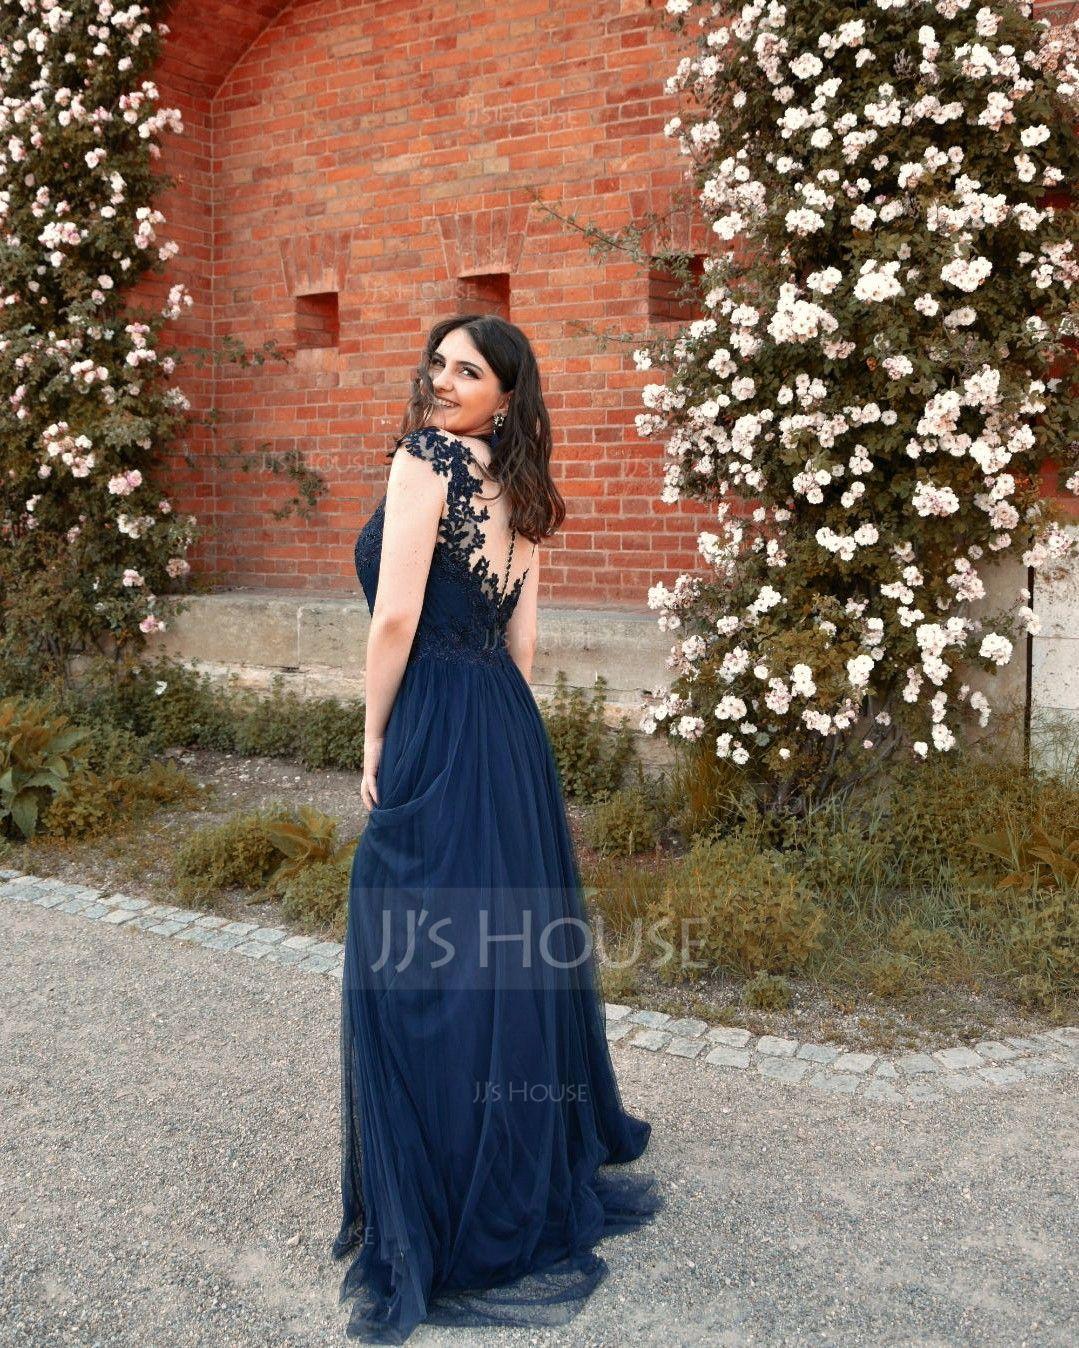 Tento look z Galerie stylů JJsHouse! Na stránce se můžete také podívat na look jiných zákazníků!